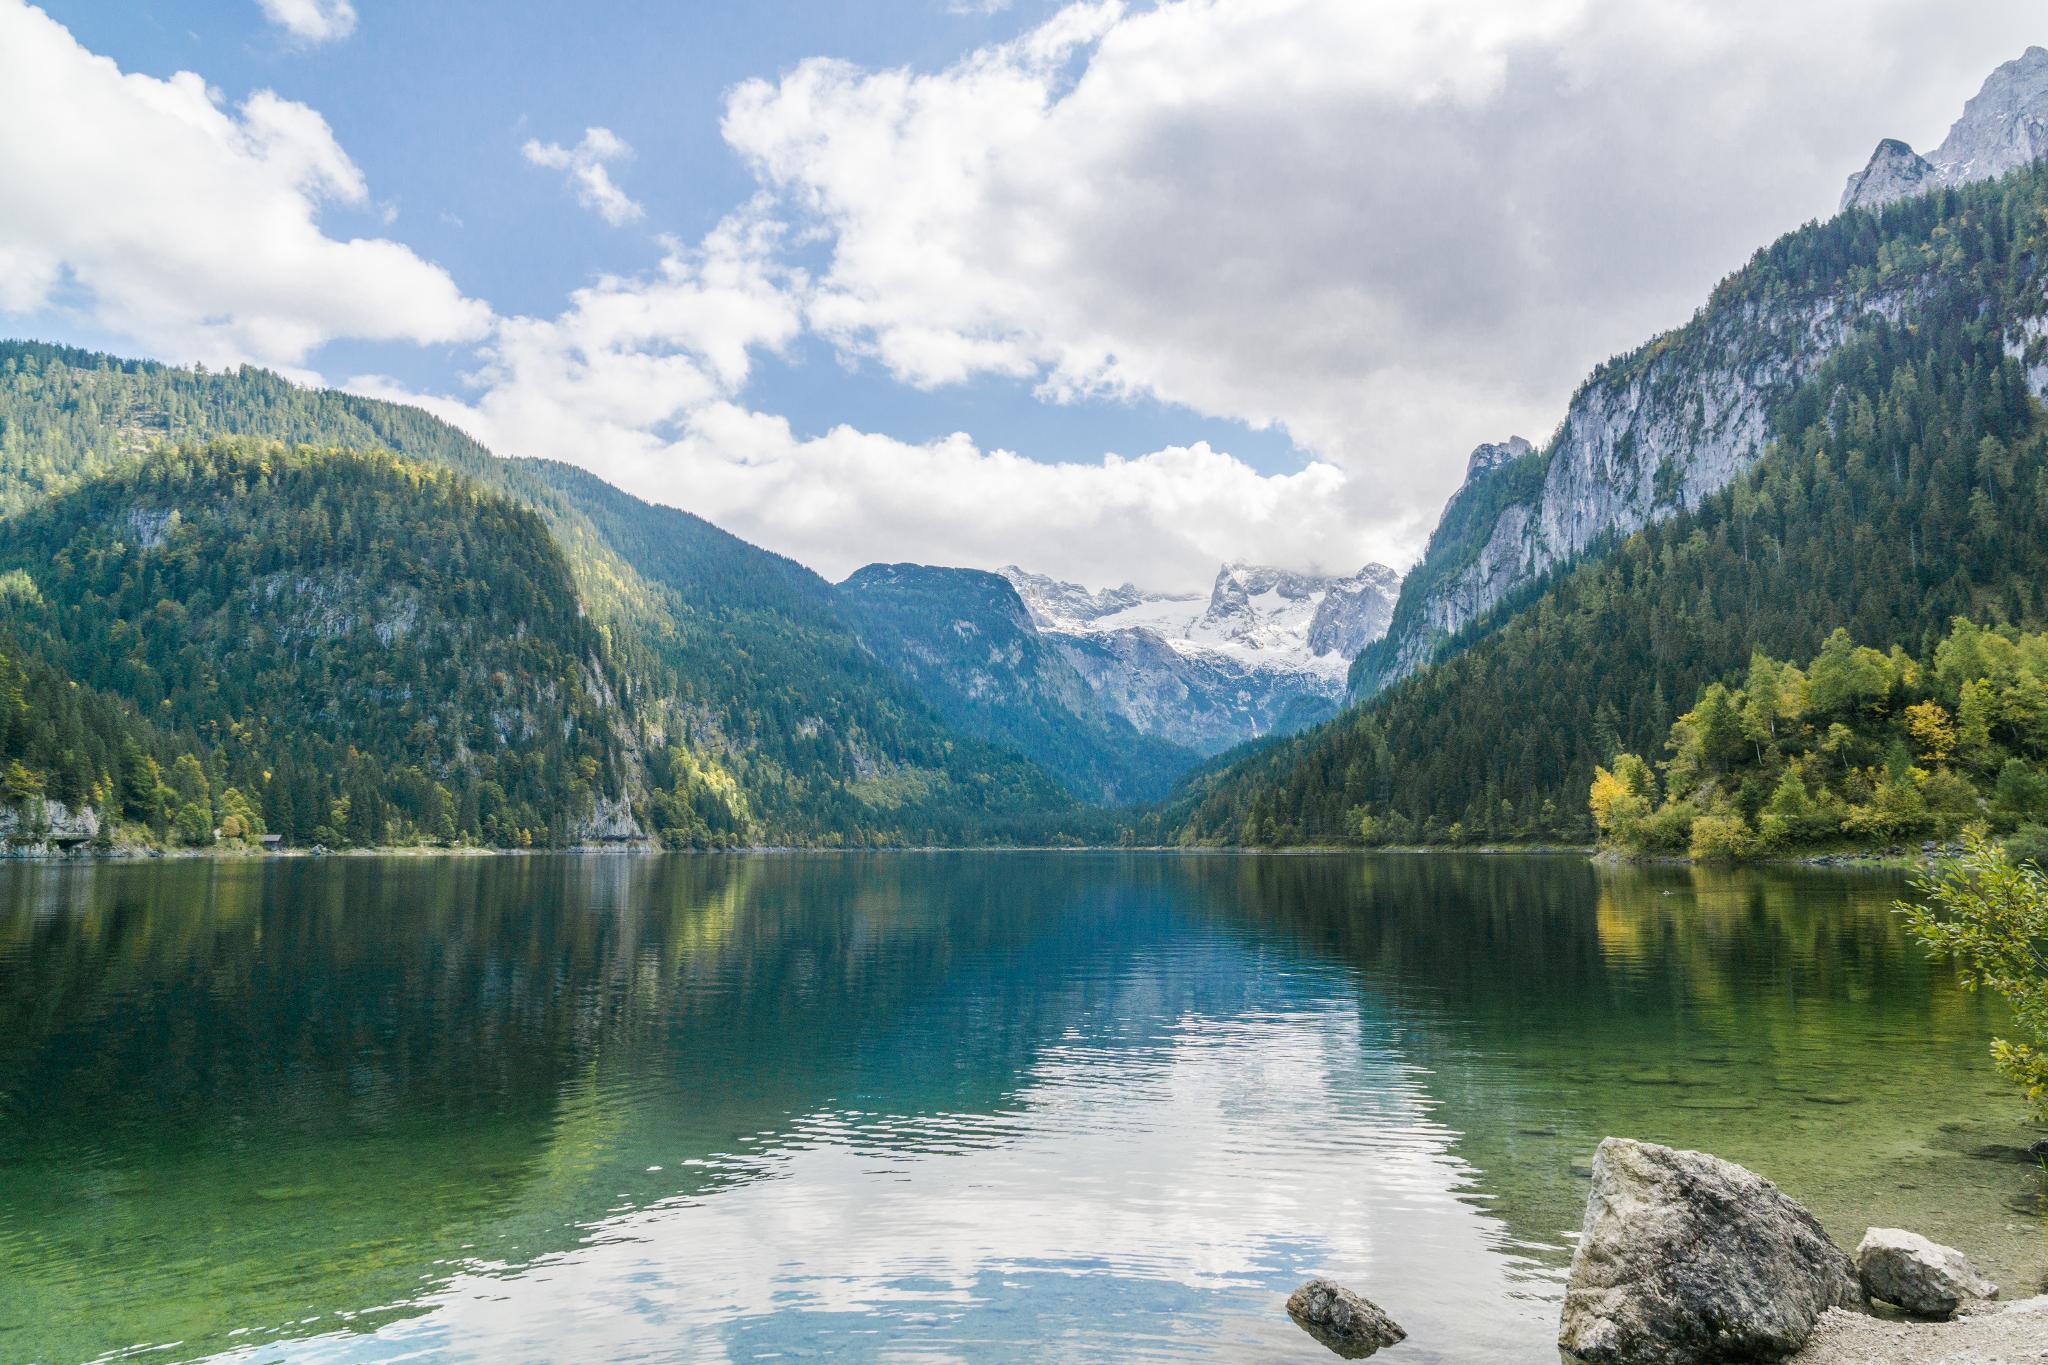 【奧地利】遠離塵囂!哈修塔特周邊的絕美湖泊 — 高薩湖 Gosausee 湖濱散記 16